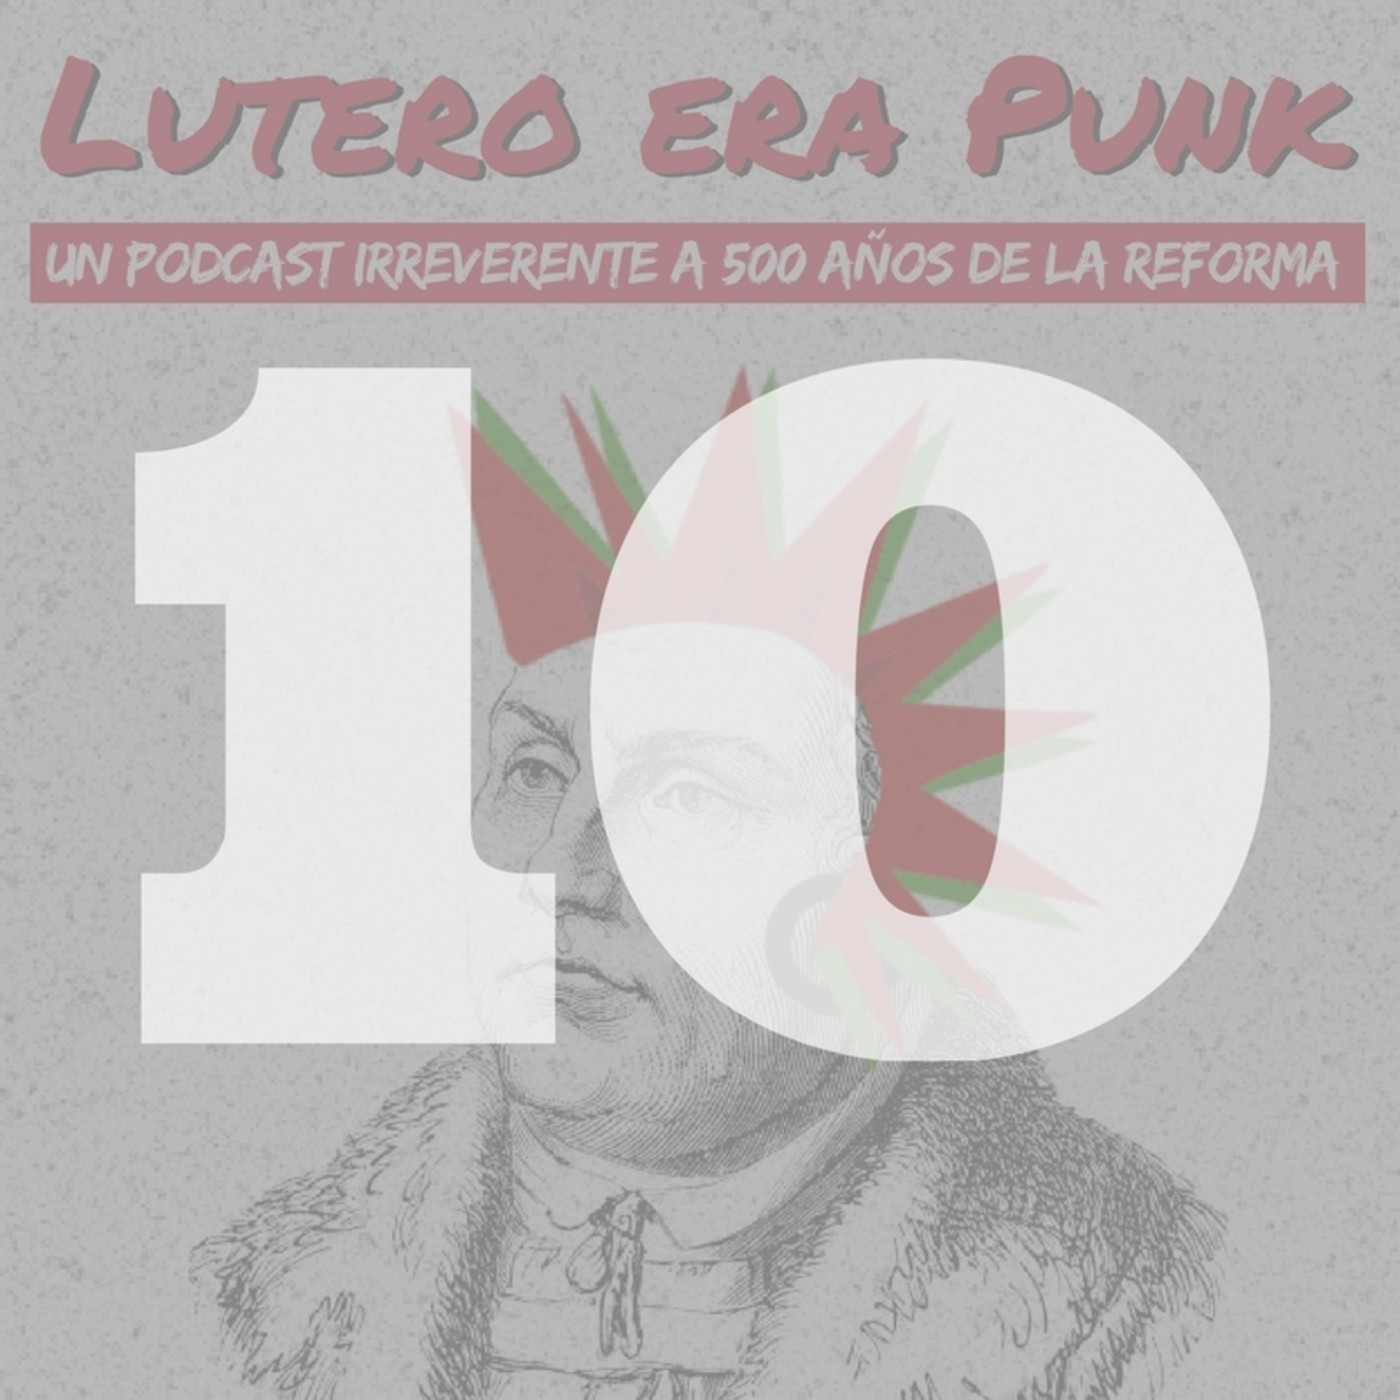 Lutero era punk | Capítulo 10